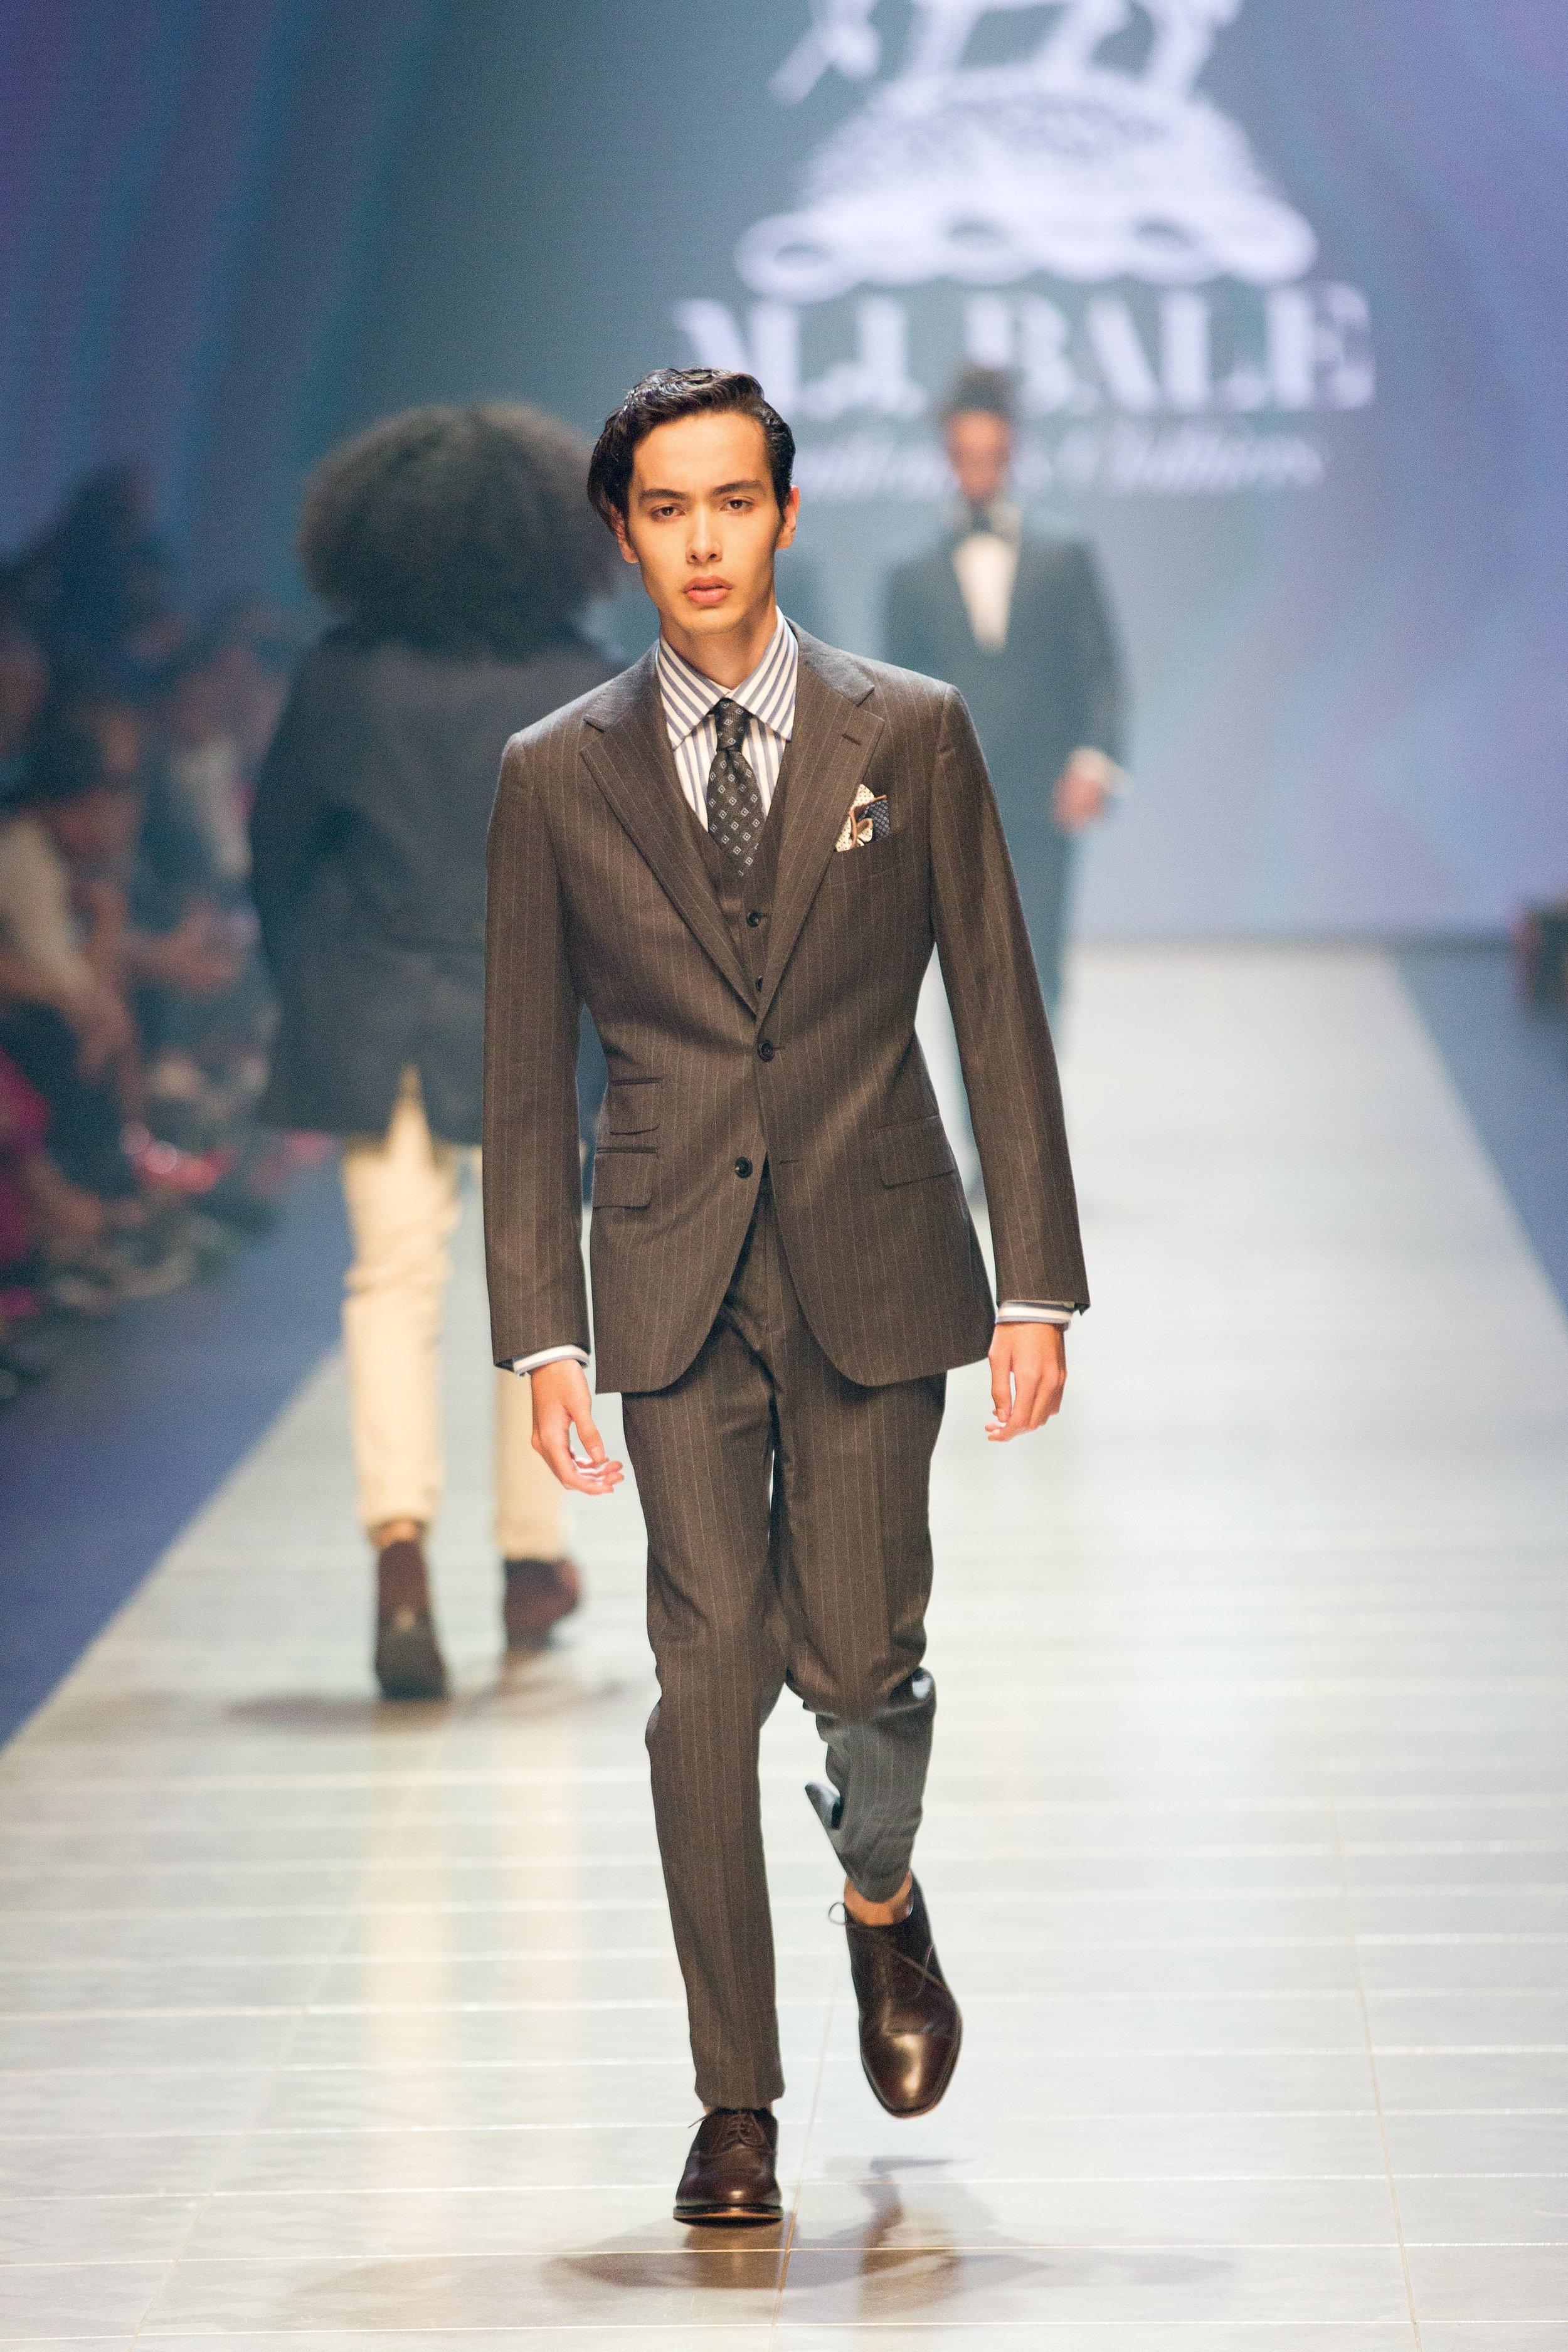 VAMFF2019_GQ Menswear-344.jpg